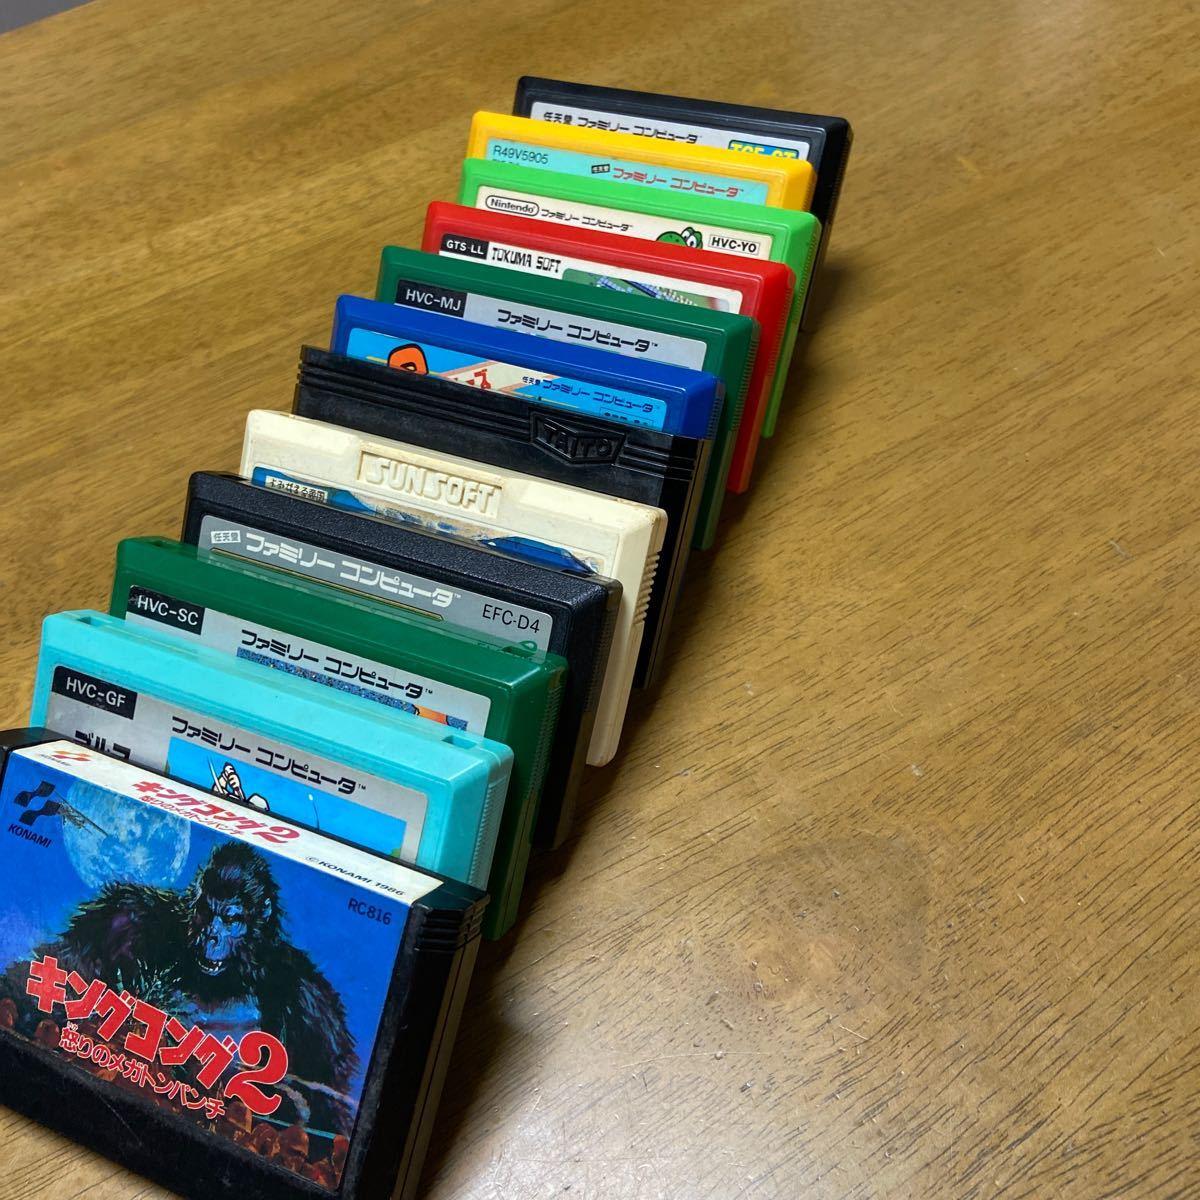 任天堂 ファミコンソフト 13本まとめてセット 中古 箱 説明書なし ジャンク レトロゲーム アーケード